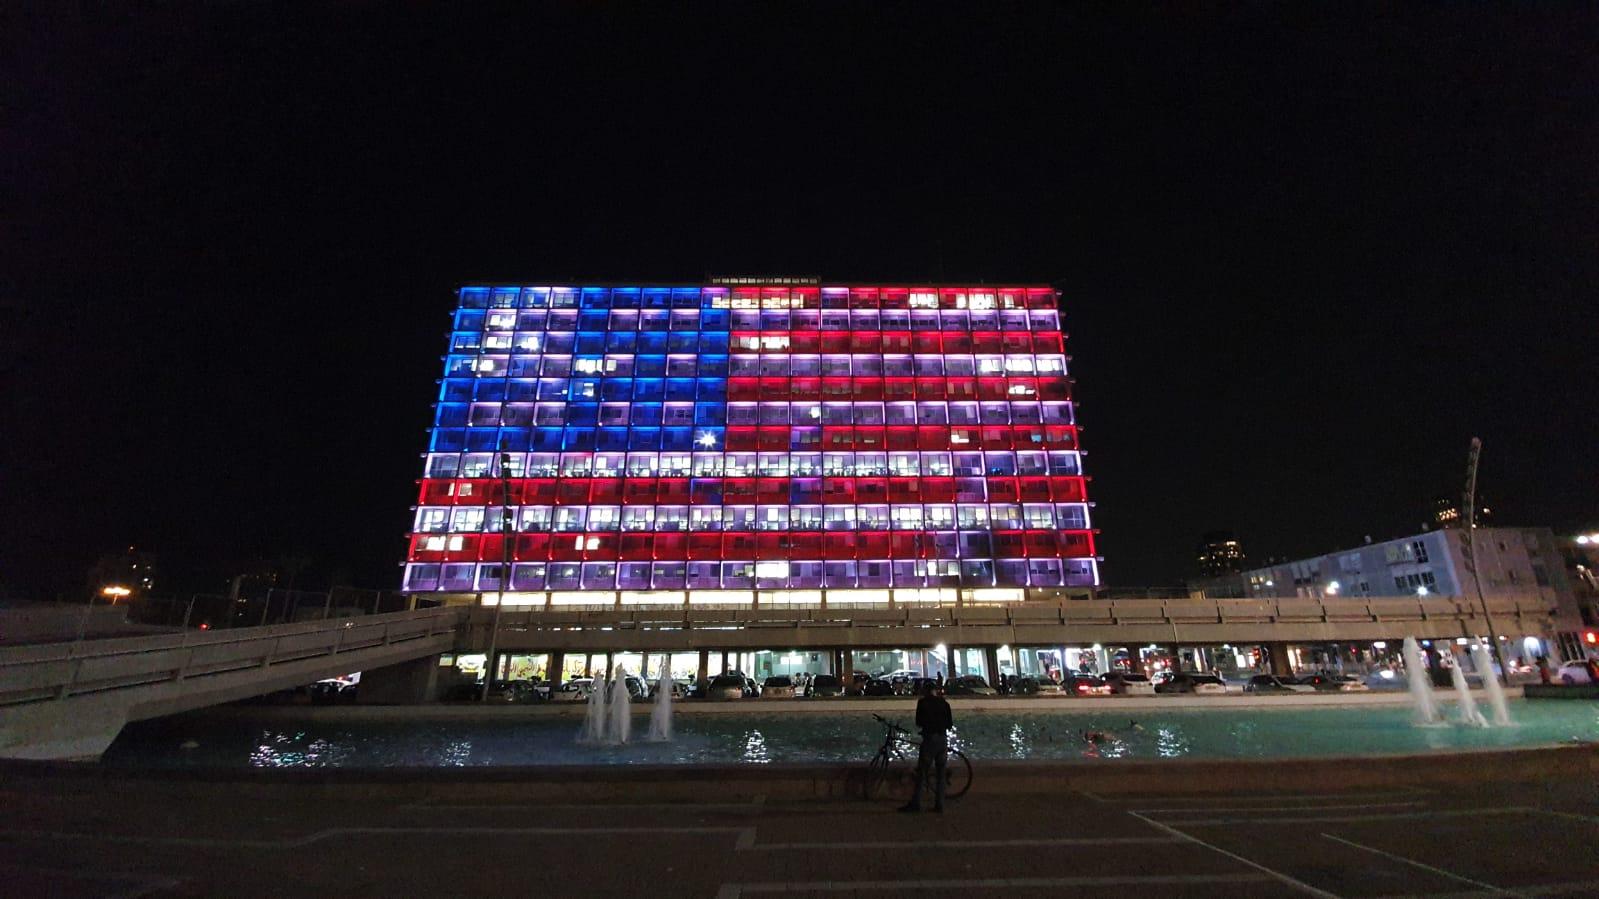 Израиль-США: американский флаг на здании мэрии Тель-Авива. Фото предоставлено пресс-службой мэрии